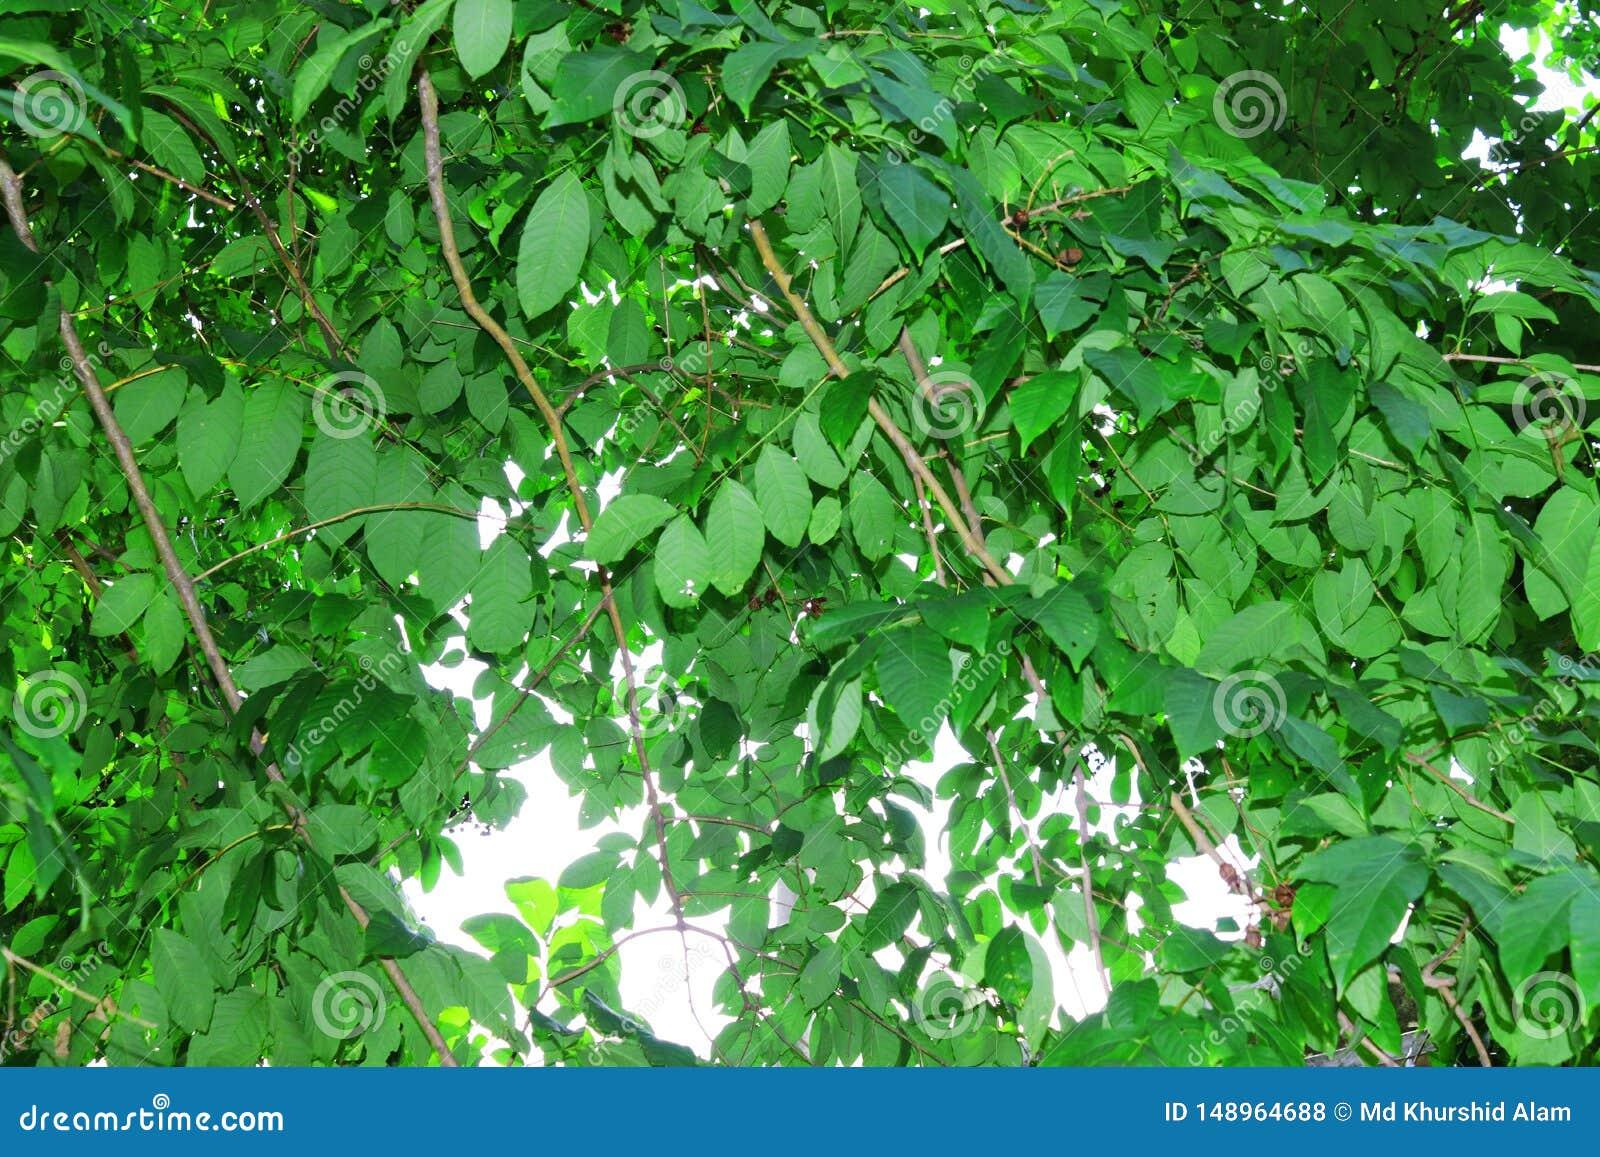 Imagem natural da folha verde Floresta e ?rvore verde da selva Cen?rio natural bonito Selvas tropicais profundas Autumn Landscape